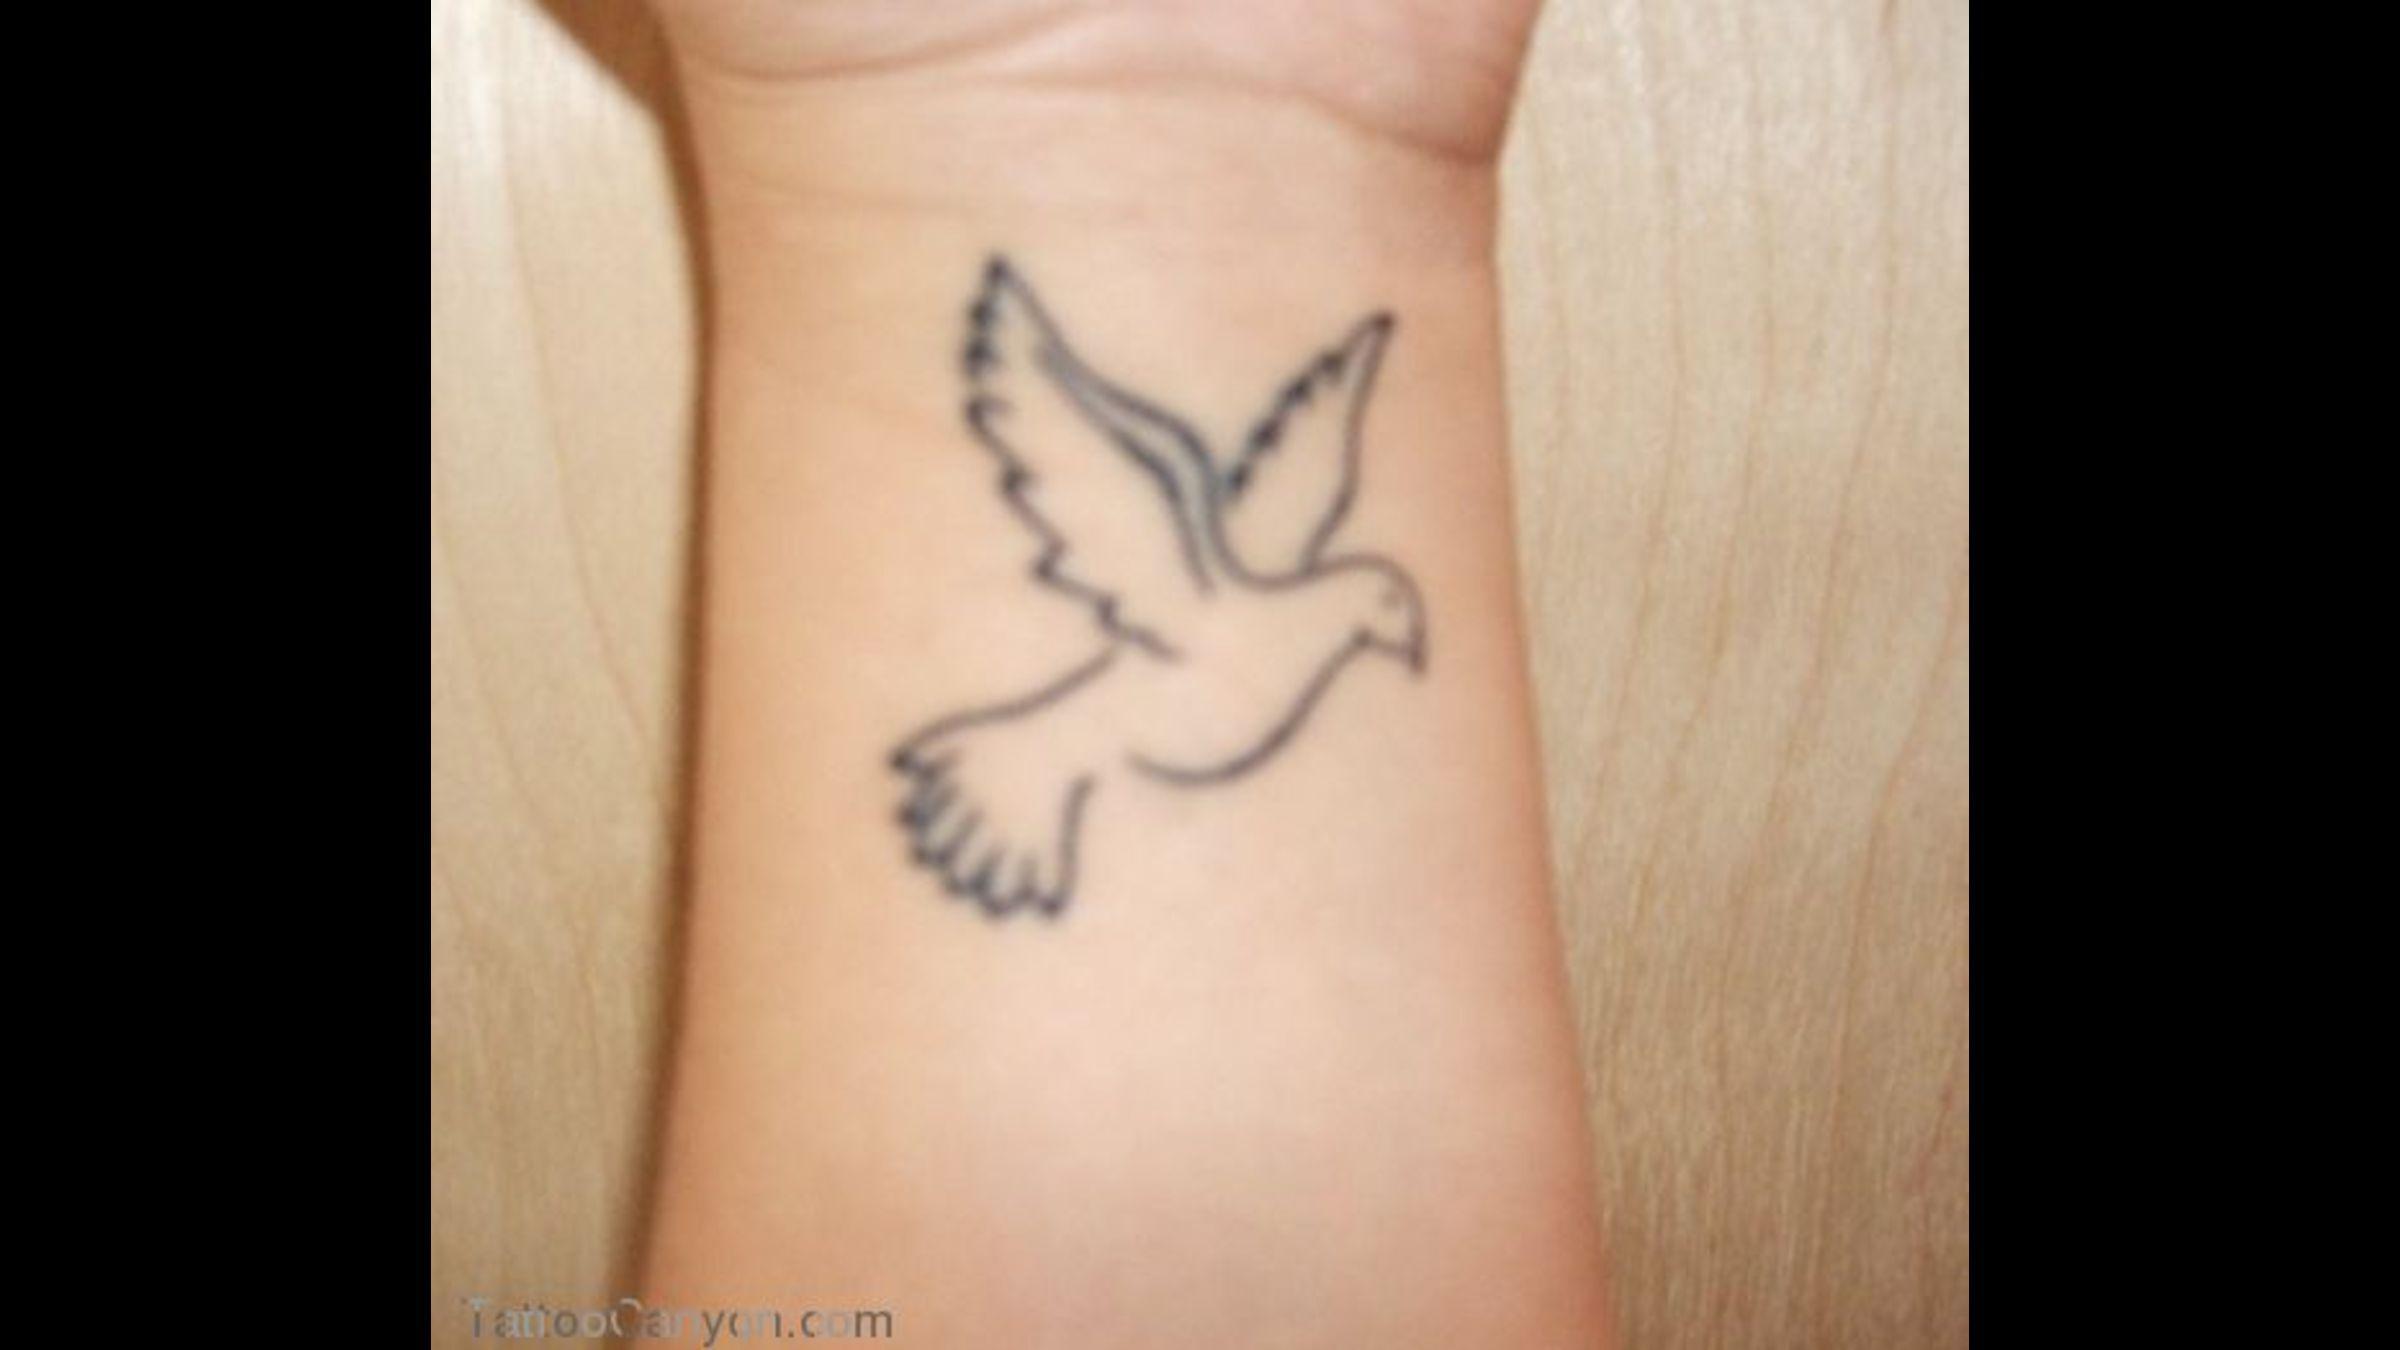 Name tattoo designs free - Cool Name Tattoos Free Download Tattoo 28064